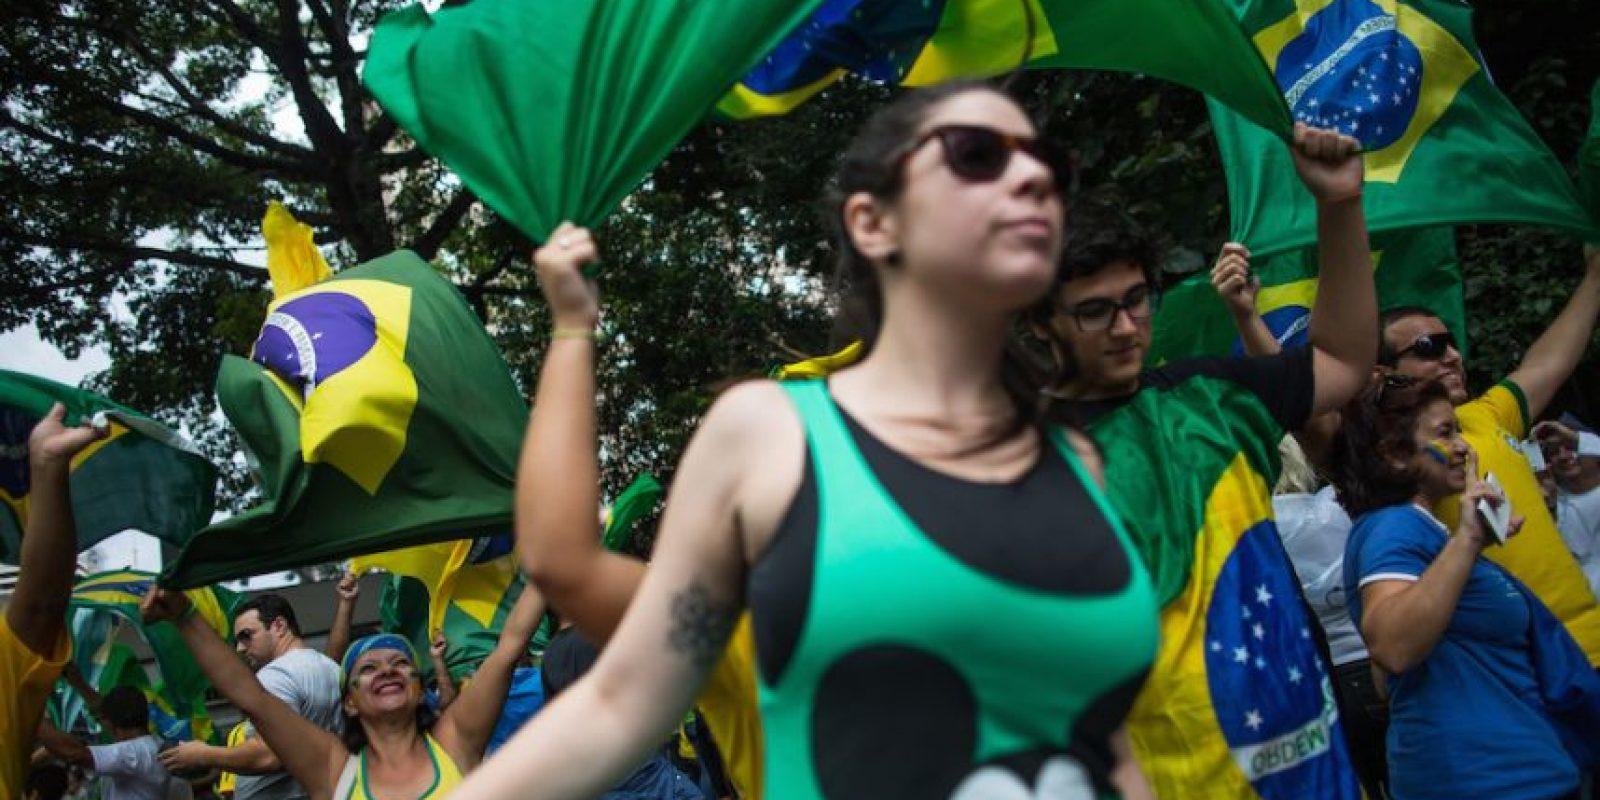 Los ciudadanos brasileños rechazan al gobierno. Foto:Getty Images